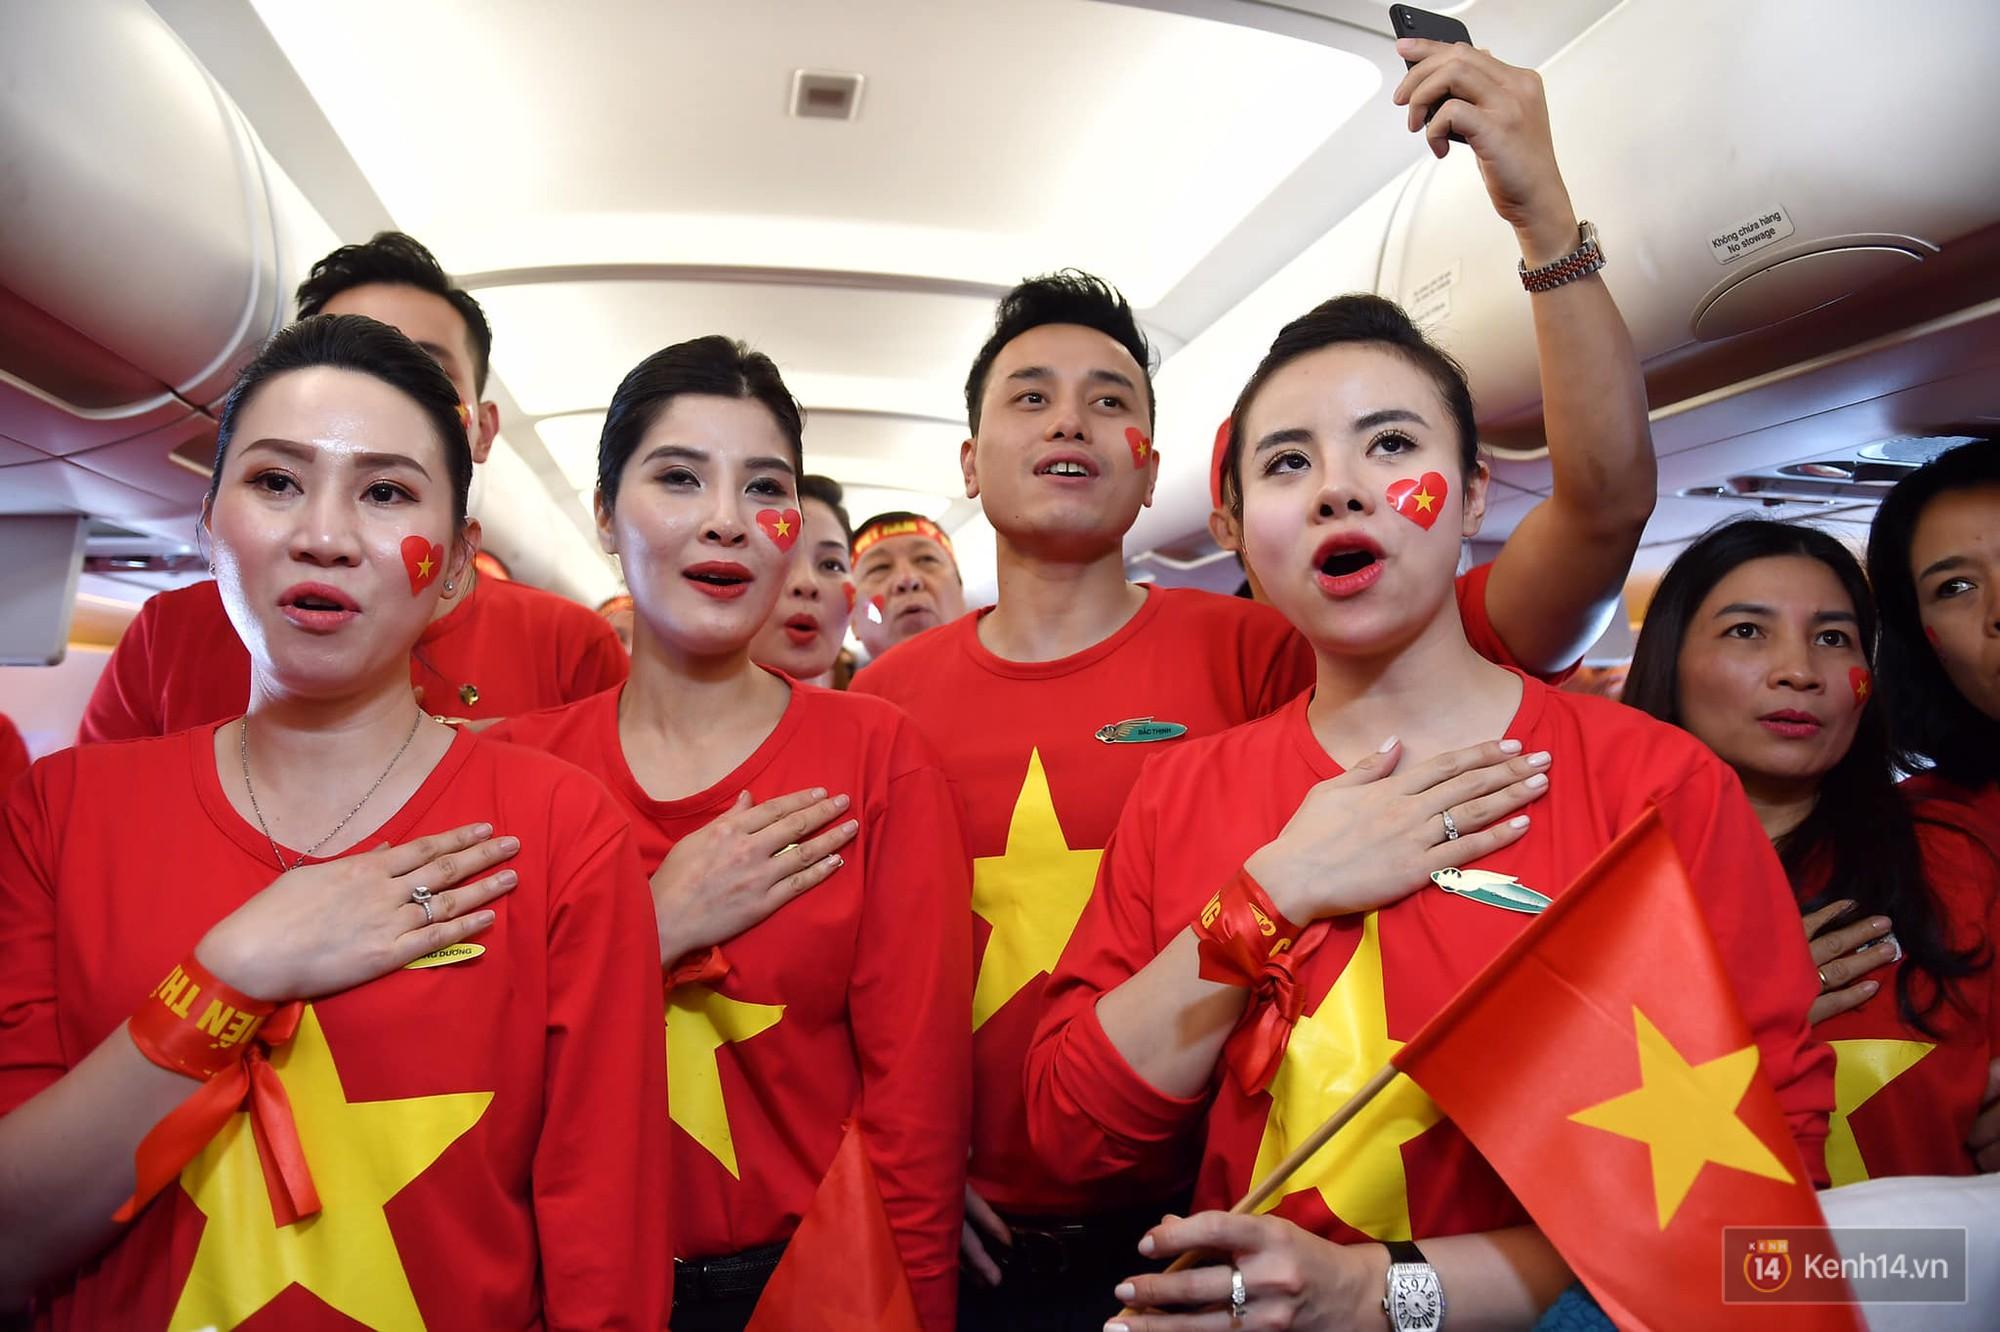 CĐV Việt Nam cùng nhau hát Quốc ca ở độ cao 10.000m, hết mình cổ vũ cho ĐT nước nhà trong trận chung kết AFF Cup 2018 - Ảnh 3